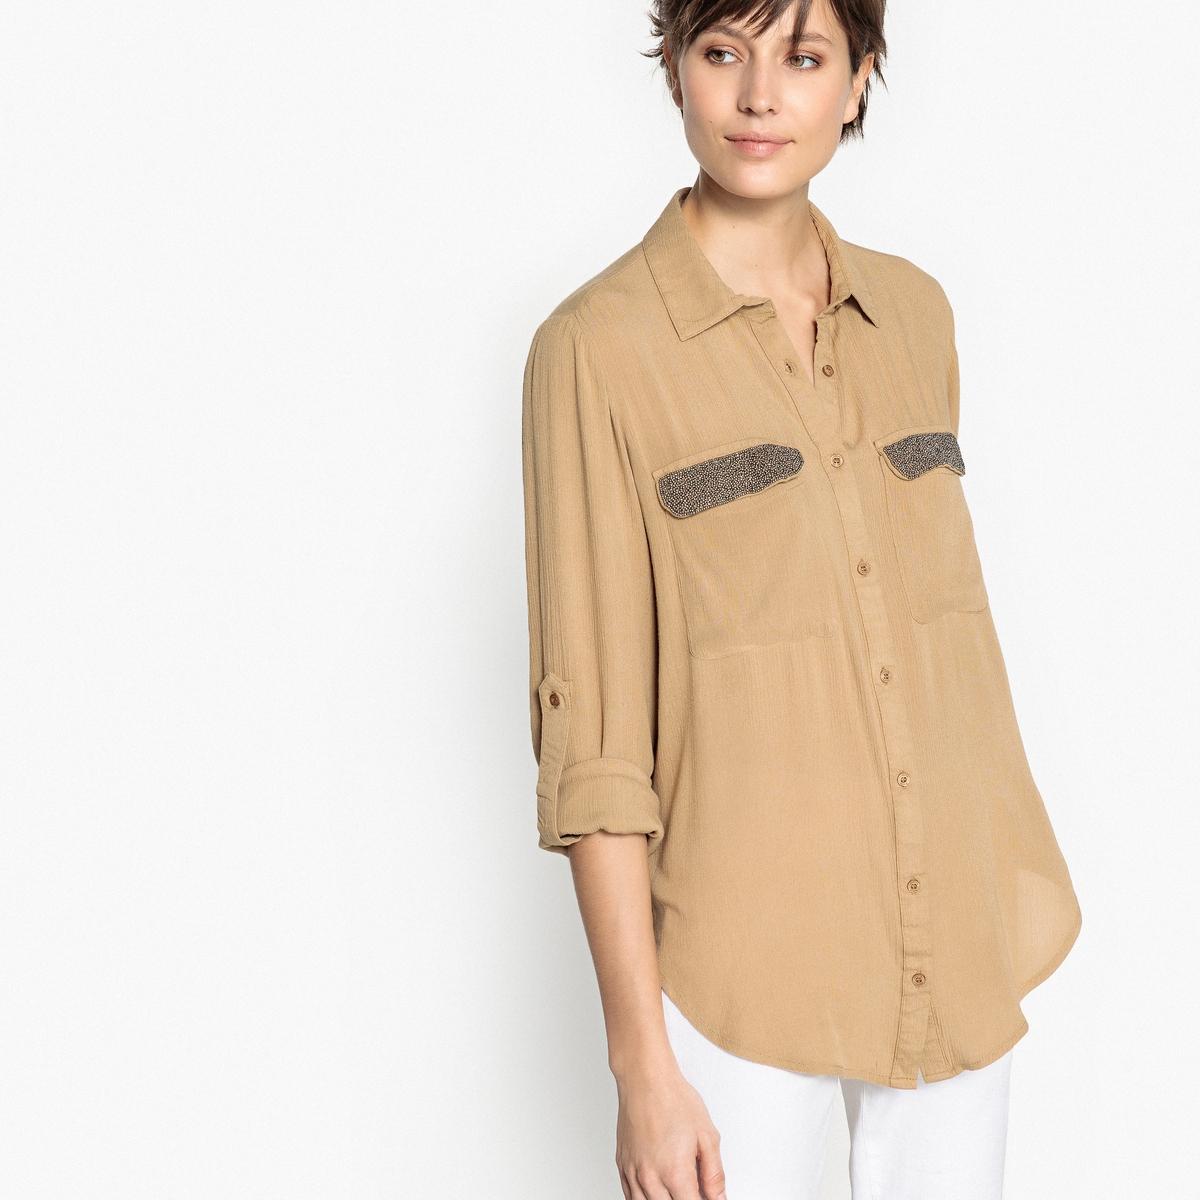 Рубашка однотонная прямого покроя с воротником-полоОписаниеДетали •  Длинные рукава •  Прямой покрой •  Рубашечный воротник полоСостав и уход •   100% вискоза •  Следуйте советам по уходу, указанным на этикетке<br><br>Цвет: песочный<br>Размер: M.S